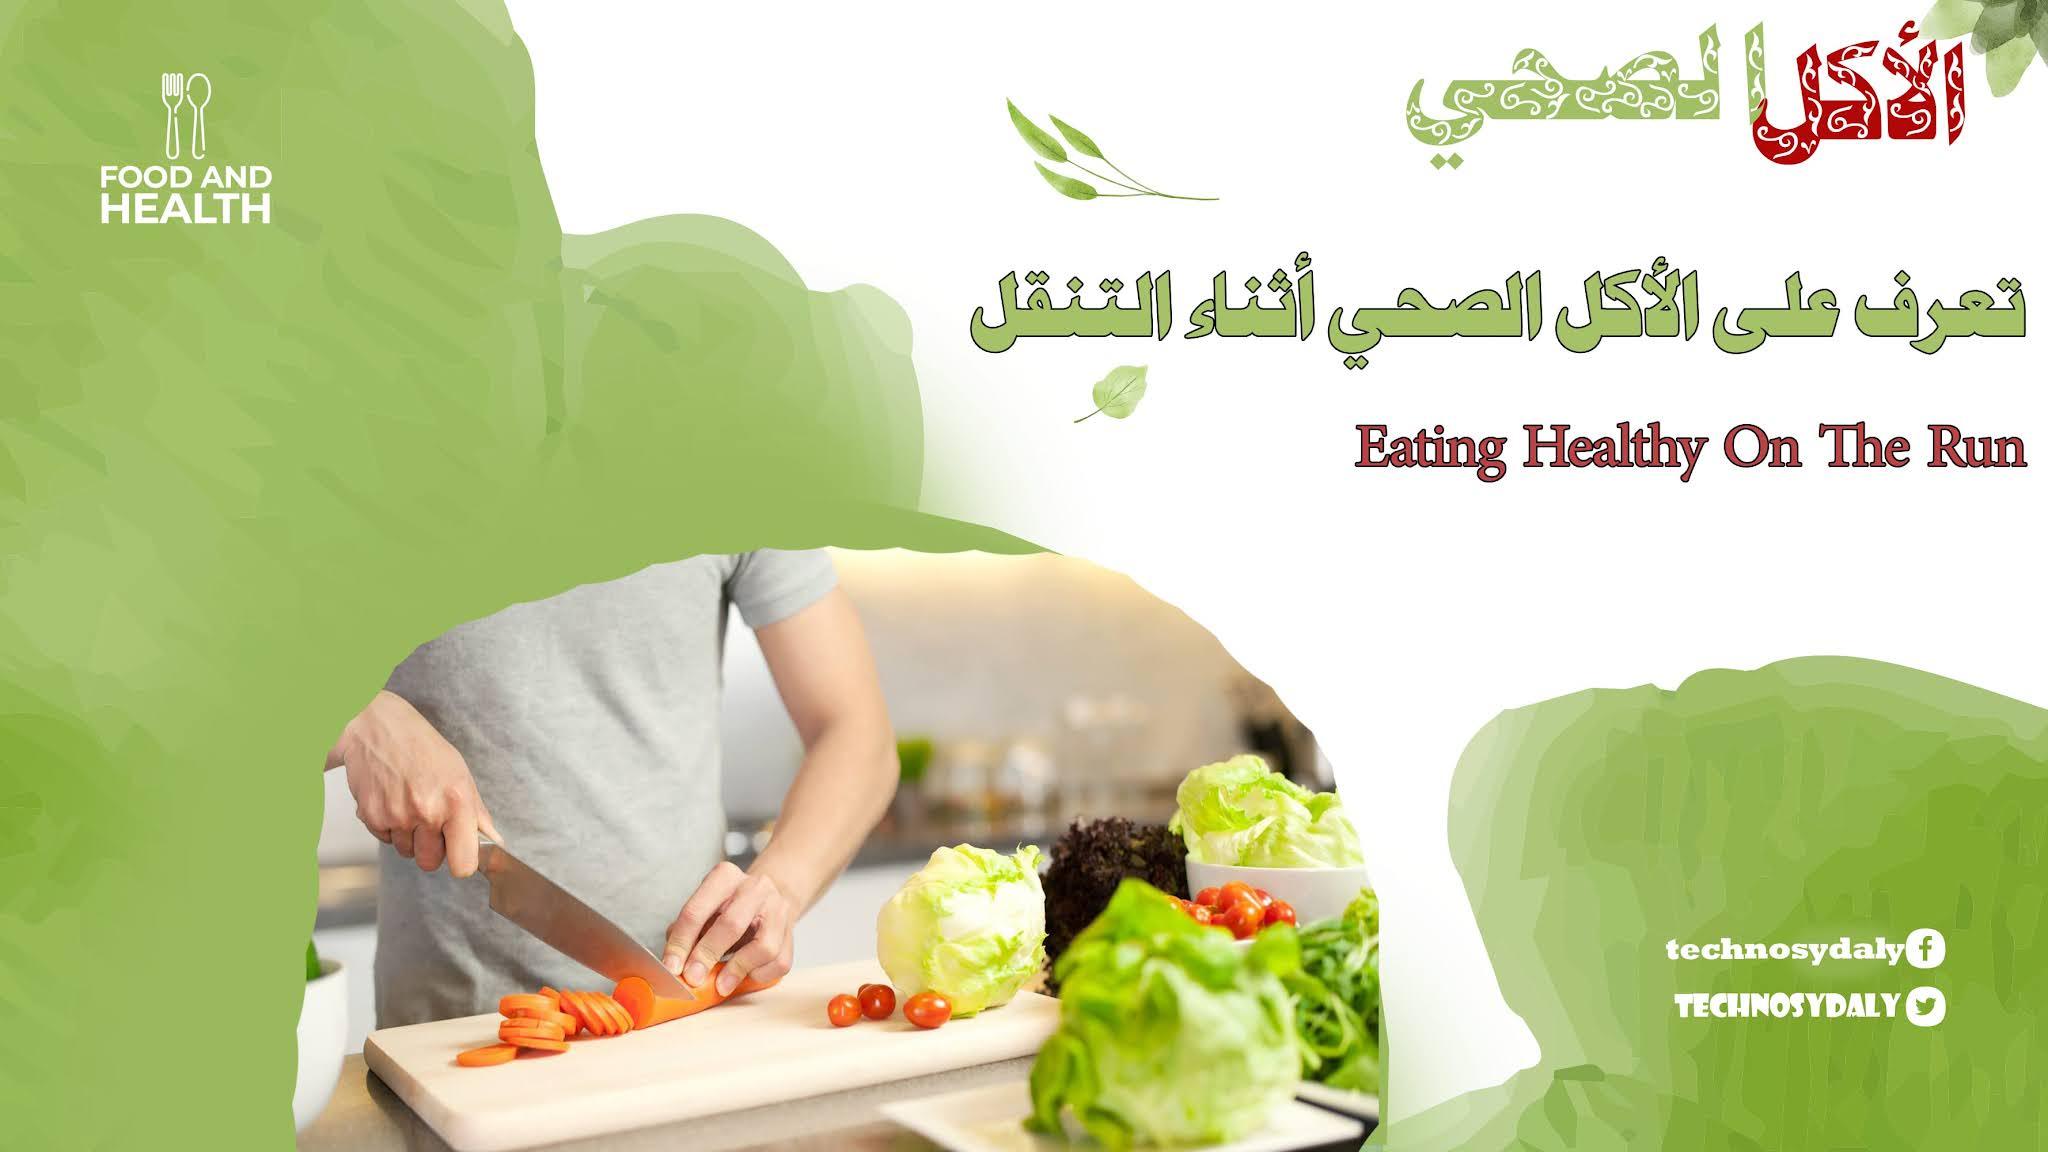 تعرف على الأكل الصحي أثناء التنقل-Eating Healthy On The Run